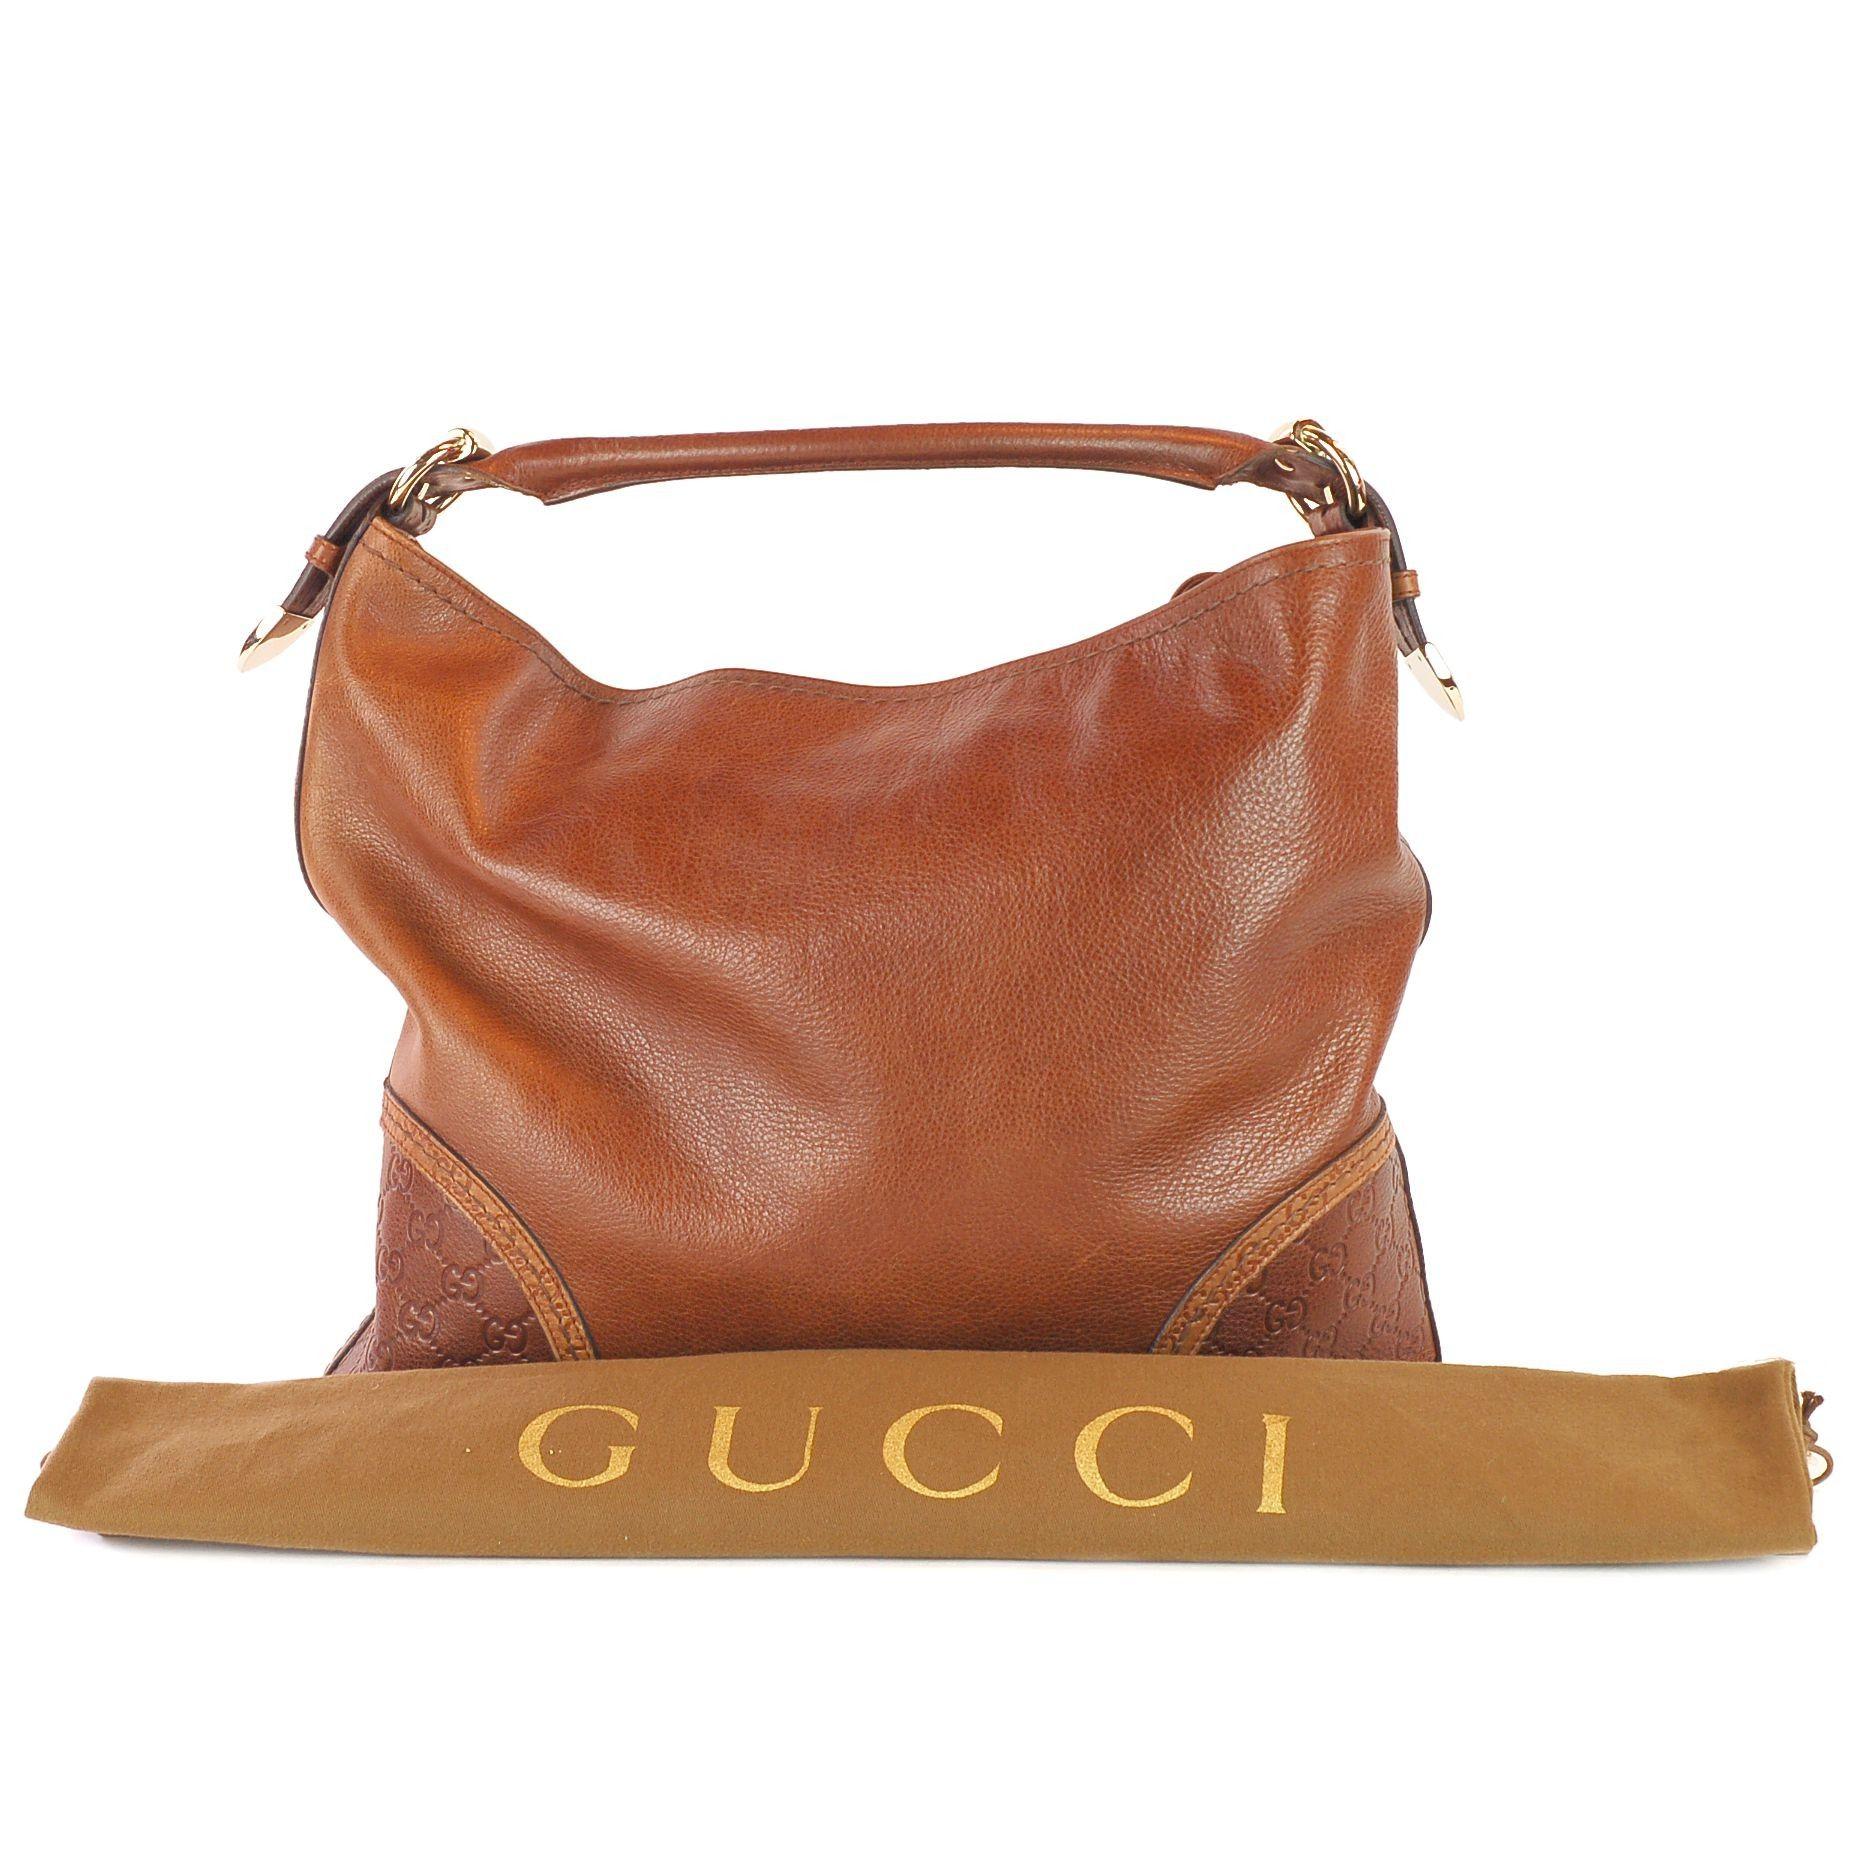 01c8e083e4241c GUCCI Leather Guccissima Trim Large Signoria Hobo | Antique/Vintage ...